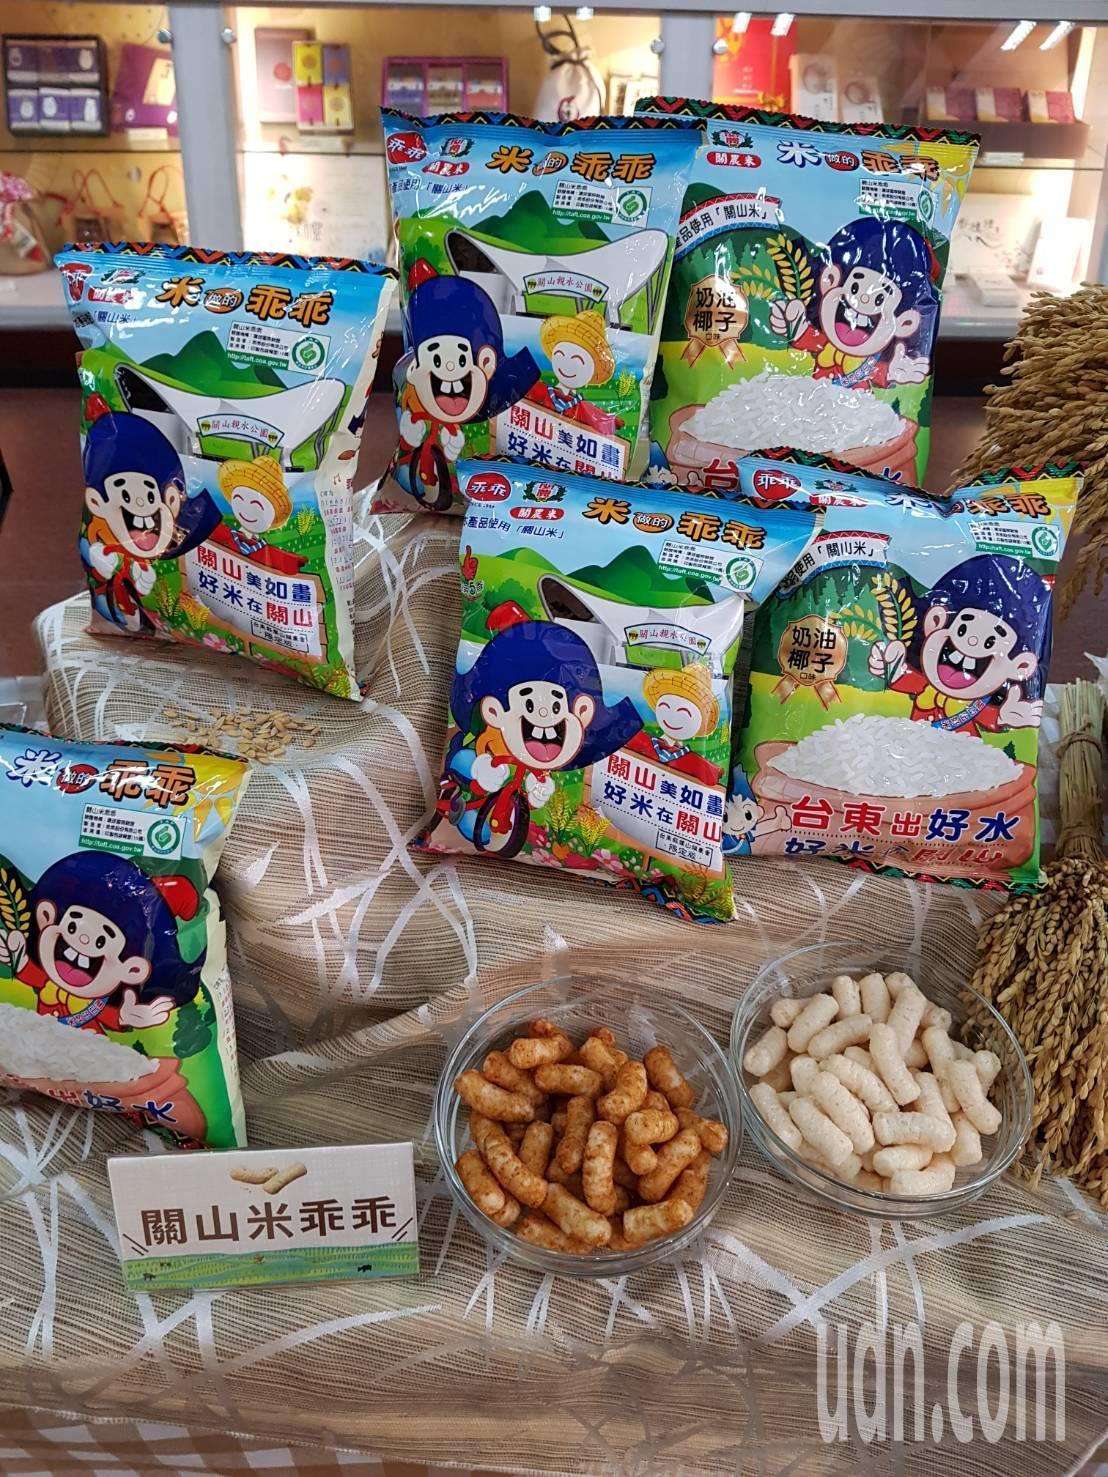 關山鎮農會推出純米乖乖,賣到缺貨。記者彭宣雅/攝影